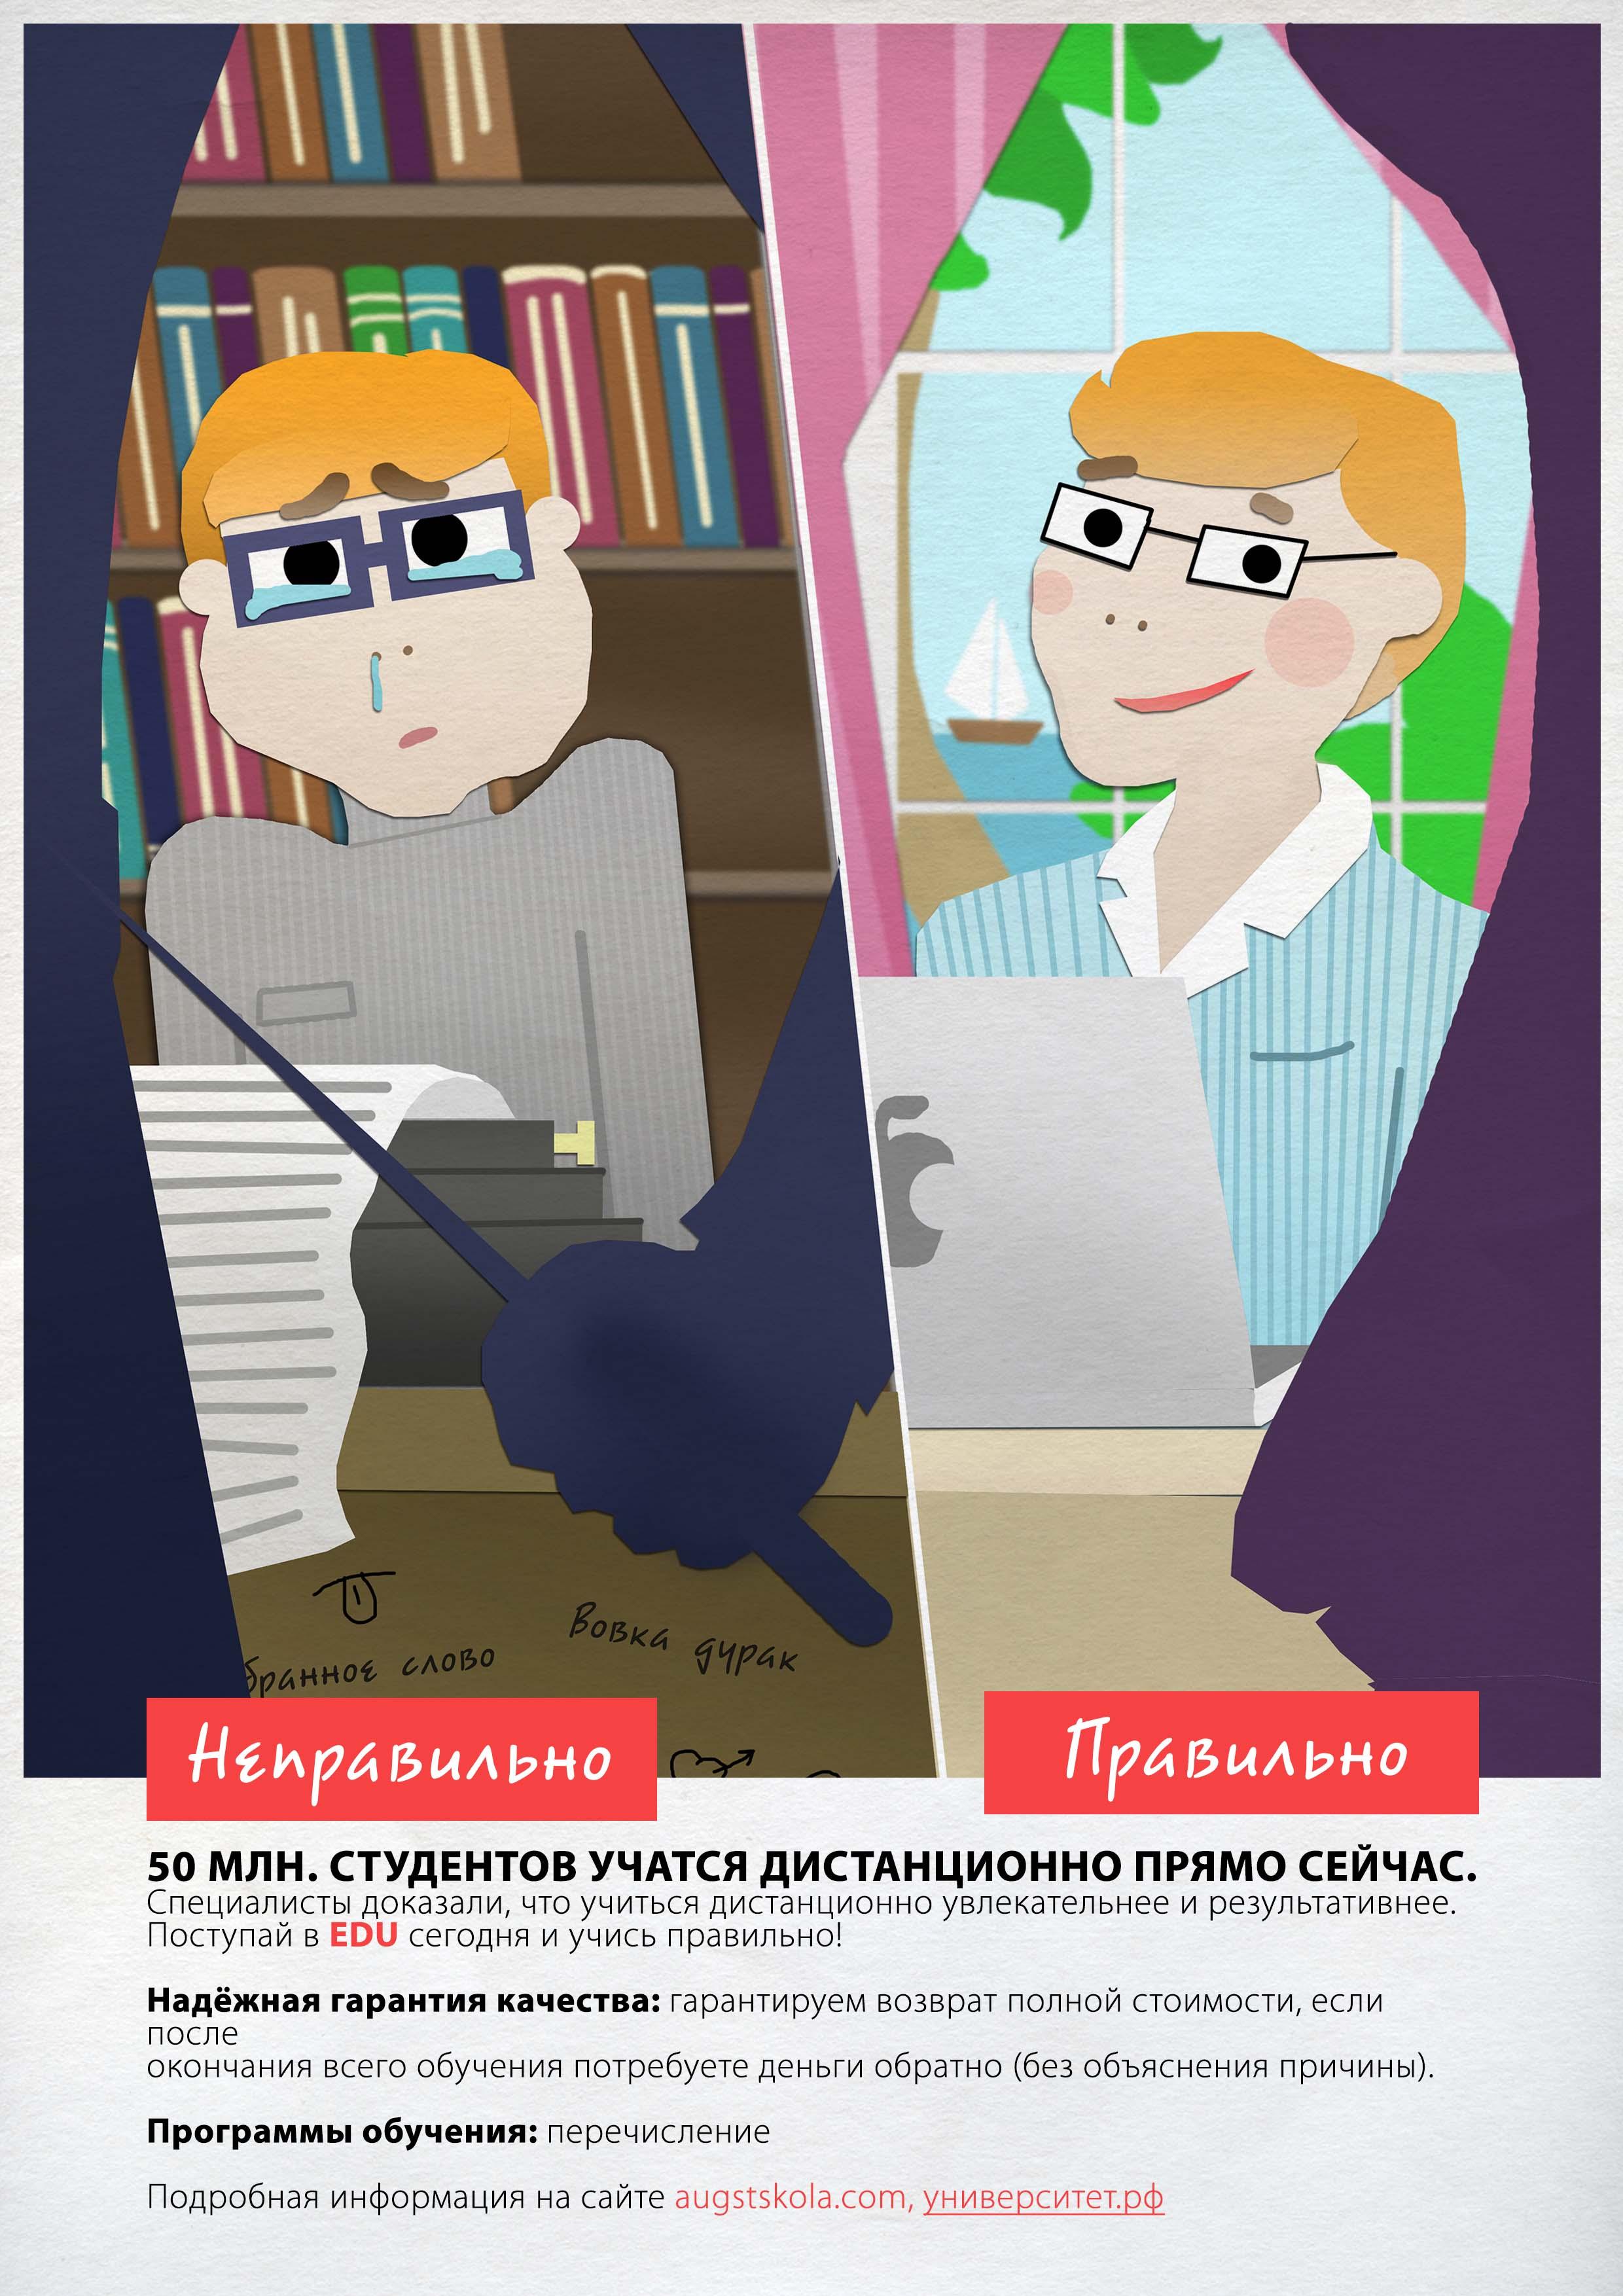 Университету требуется креативный плакат! фото f_26752edf9c994cad.jpg